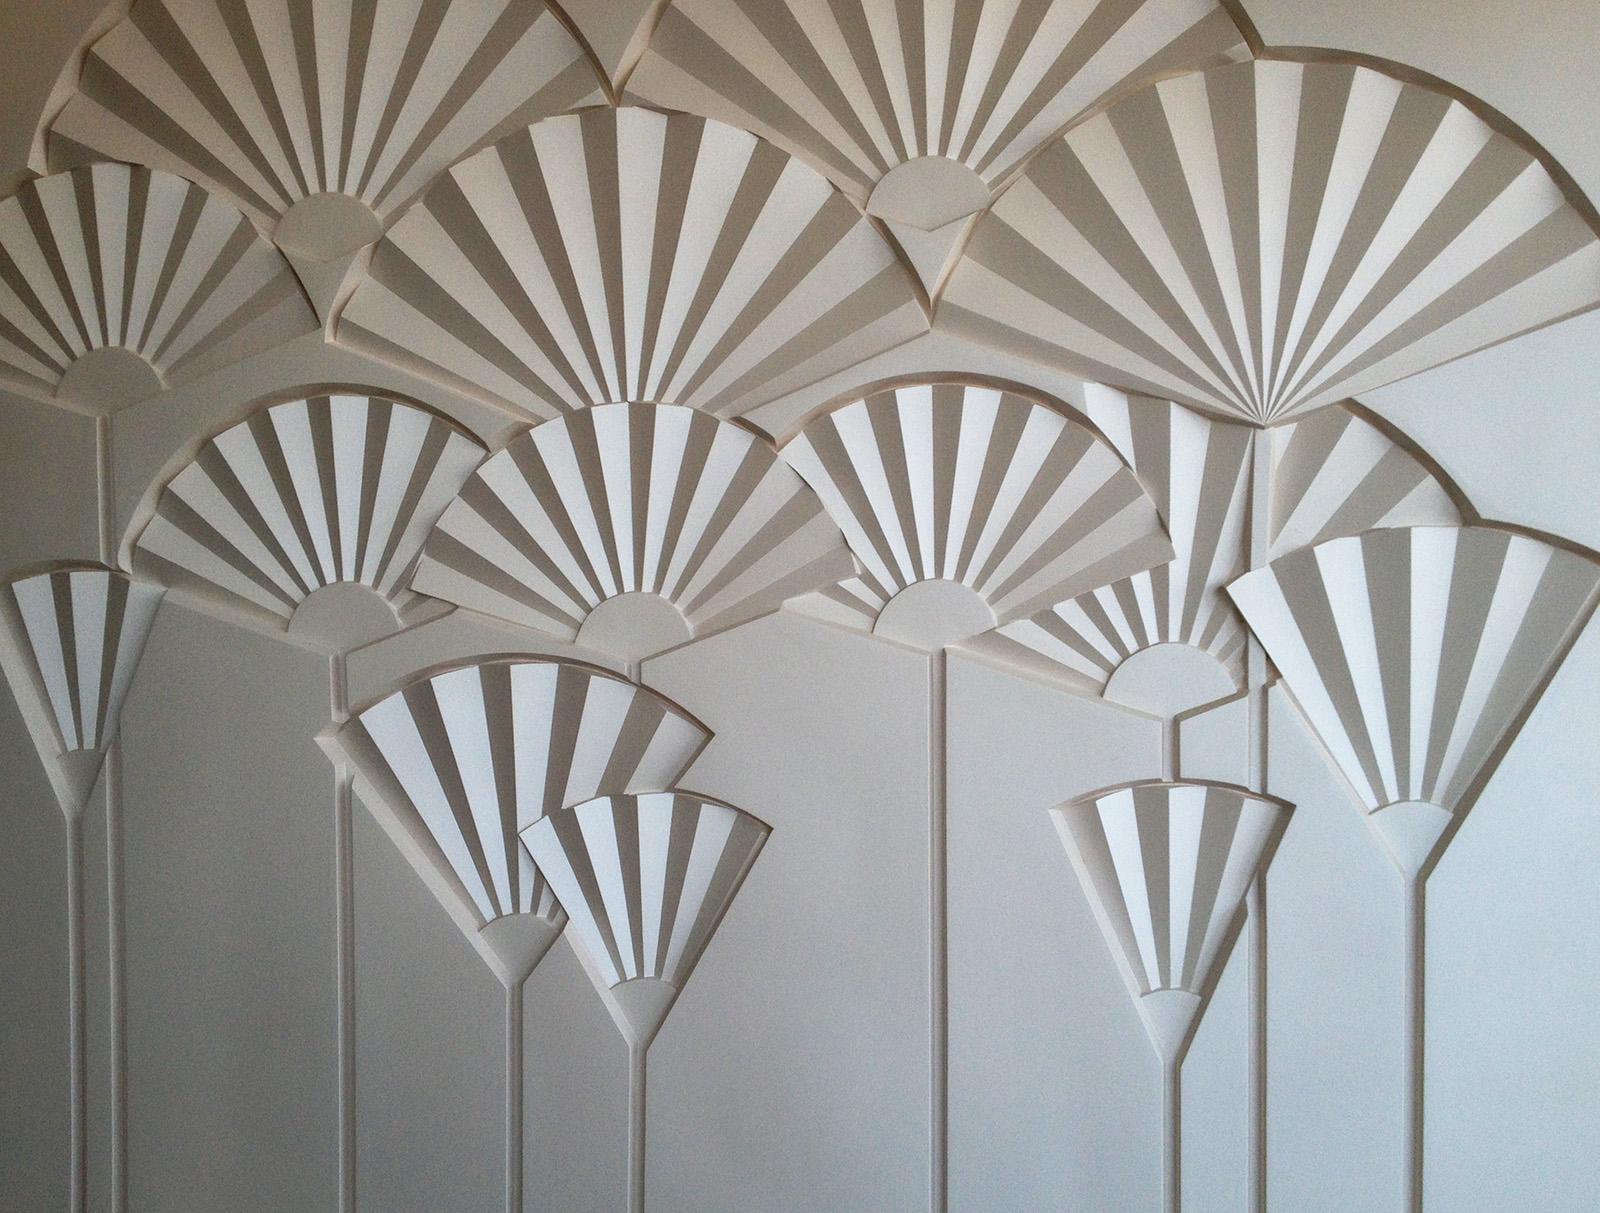 Декоративное  панно Одуванчики. Выполнено  Архитектурно производственной мастерской Елены Афти